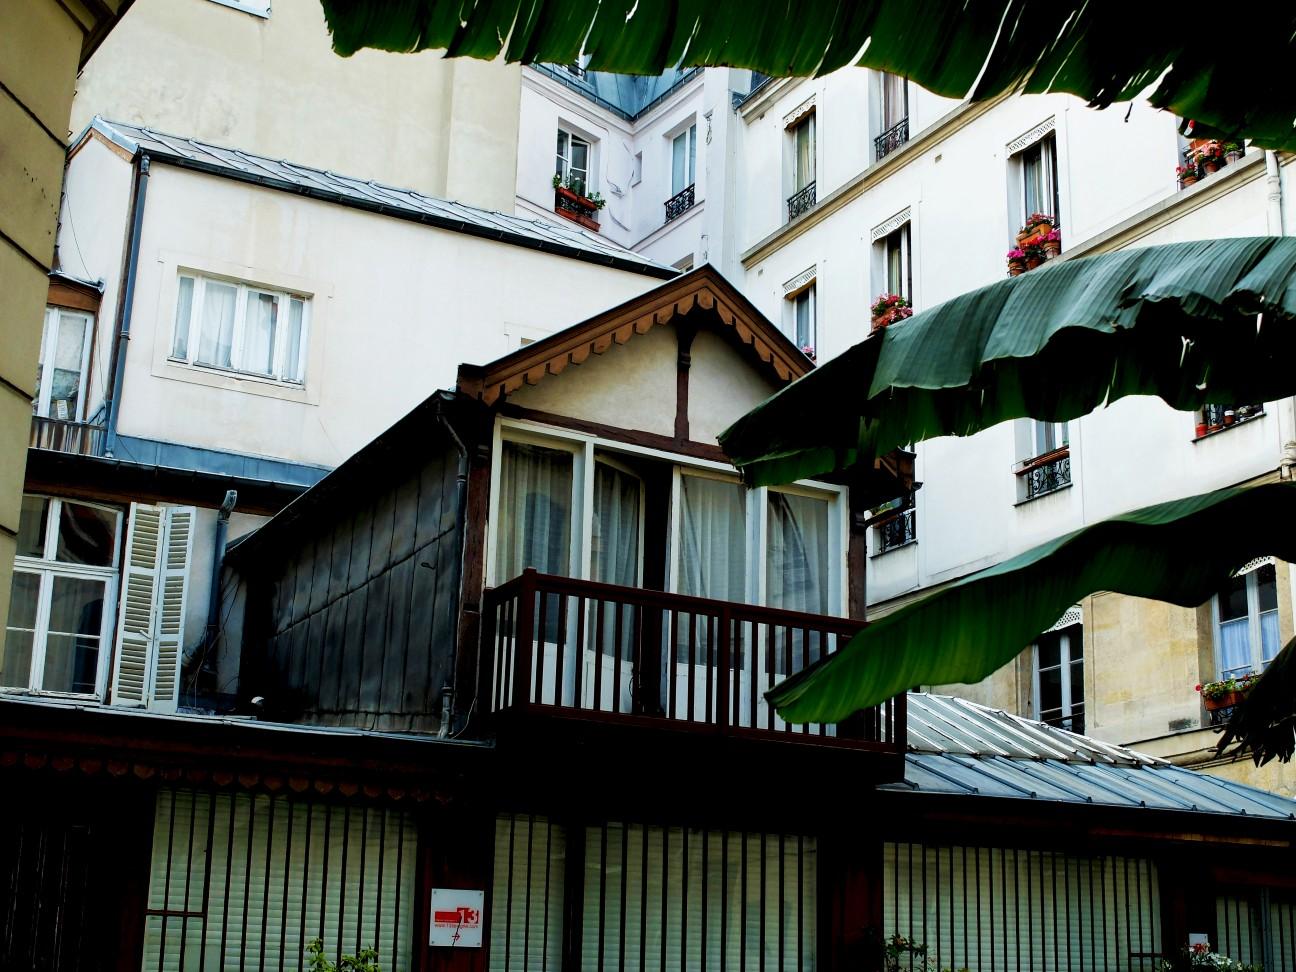 Rue de Sévigné - Cour intérieure